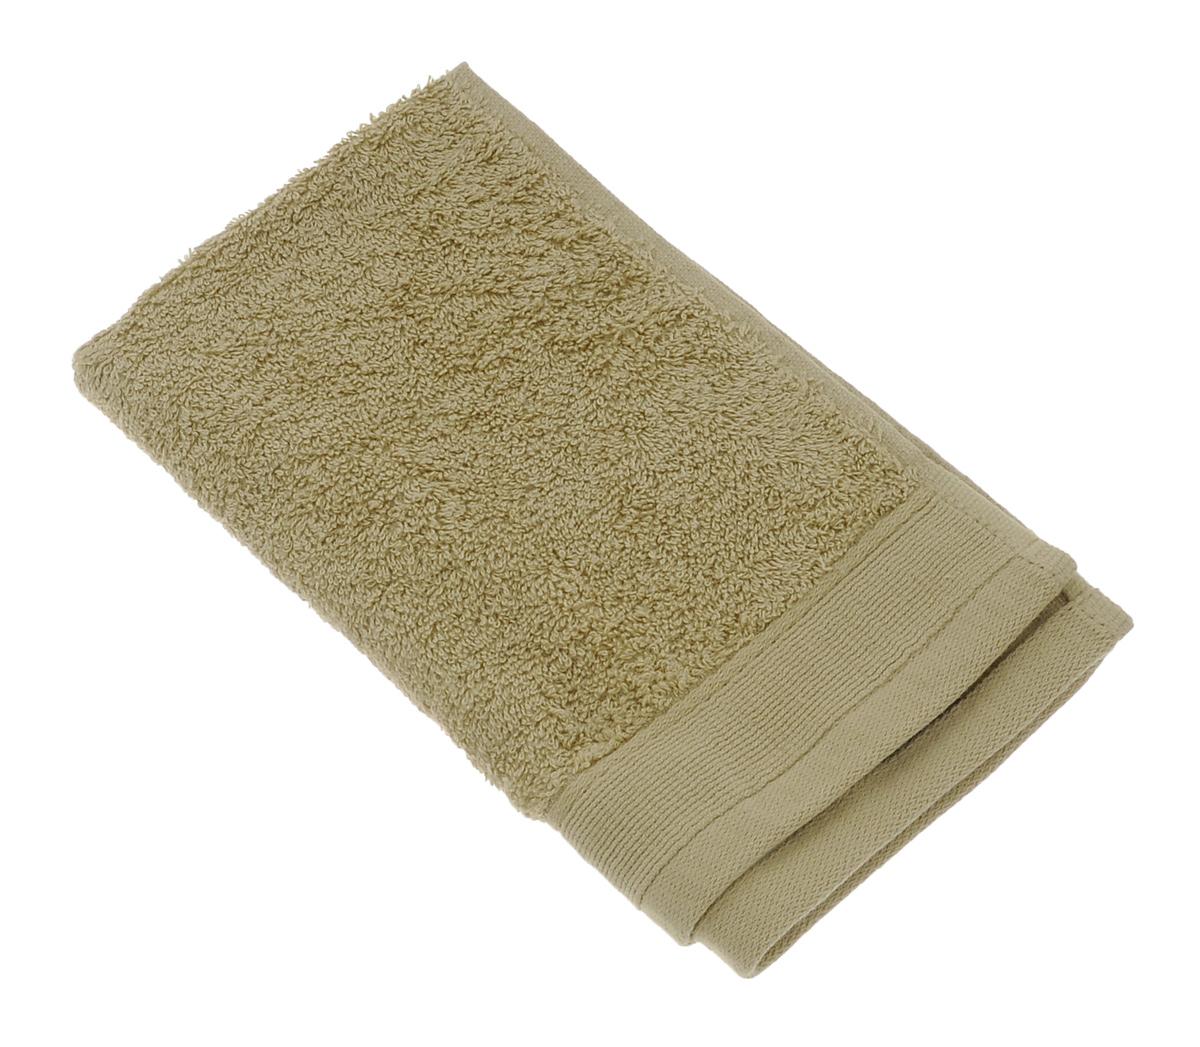 Полотенце махровое Guten Morgen, цвет: фисташковый, 30 х 50 см68/5/1Махровое полотенце Guten Morgen, изготовленное из натурального хлопка, прекрасно впитывает влагу и быстро сохнет. Высокая плотность ткани делает полотенце мягкими, прочными и пушистыми. При соблюдении рекомендаций по уходу изделие сохраняет яркость цвета и не теряет форму даже после многократных стирок. Махровое полотенце Guten Morgen станет достойным выбором для вас и приятным подарком для ваших близких. Мягкость и высокое качество материала, из которого изготовлено полотенце, не оставит вас равнодушными.